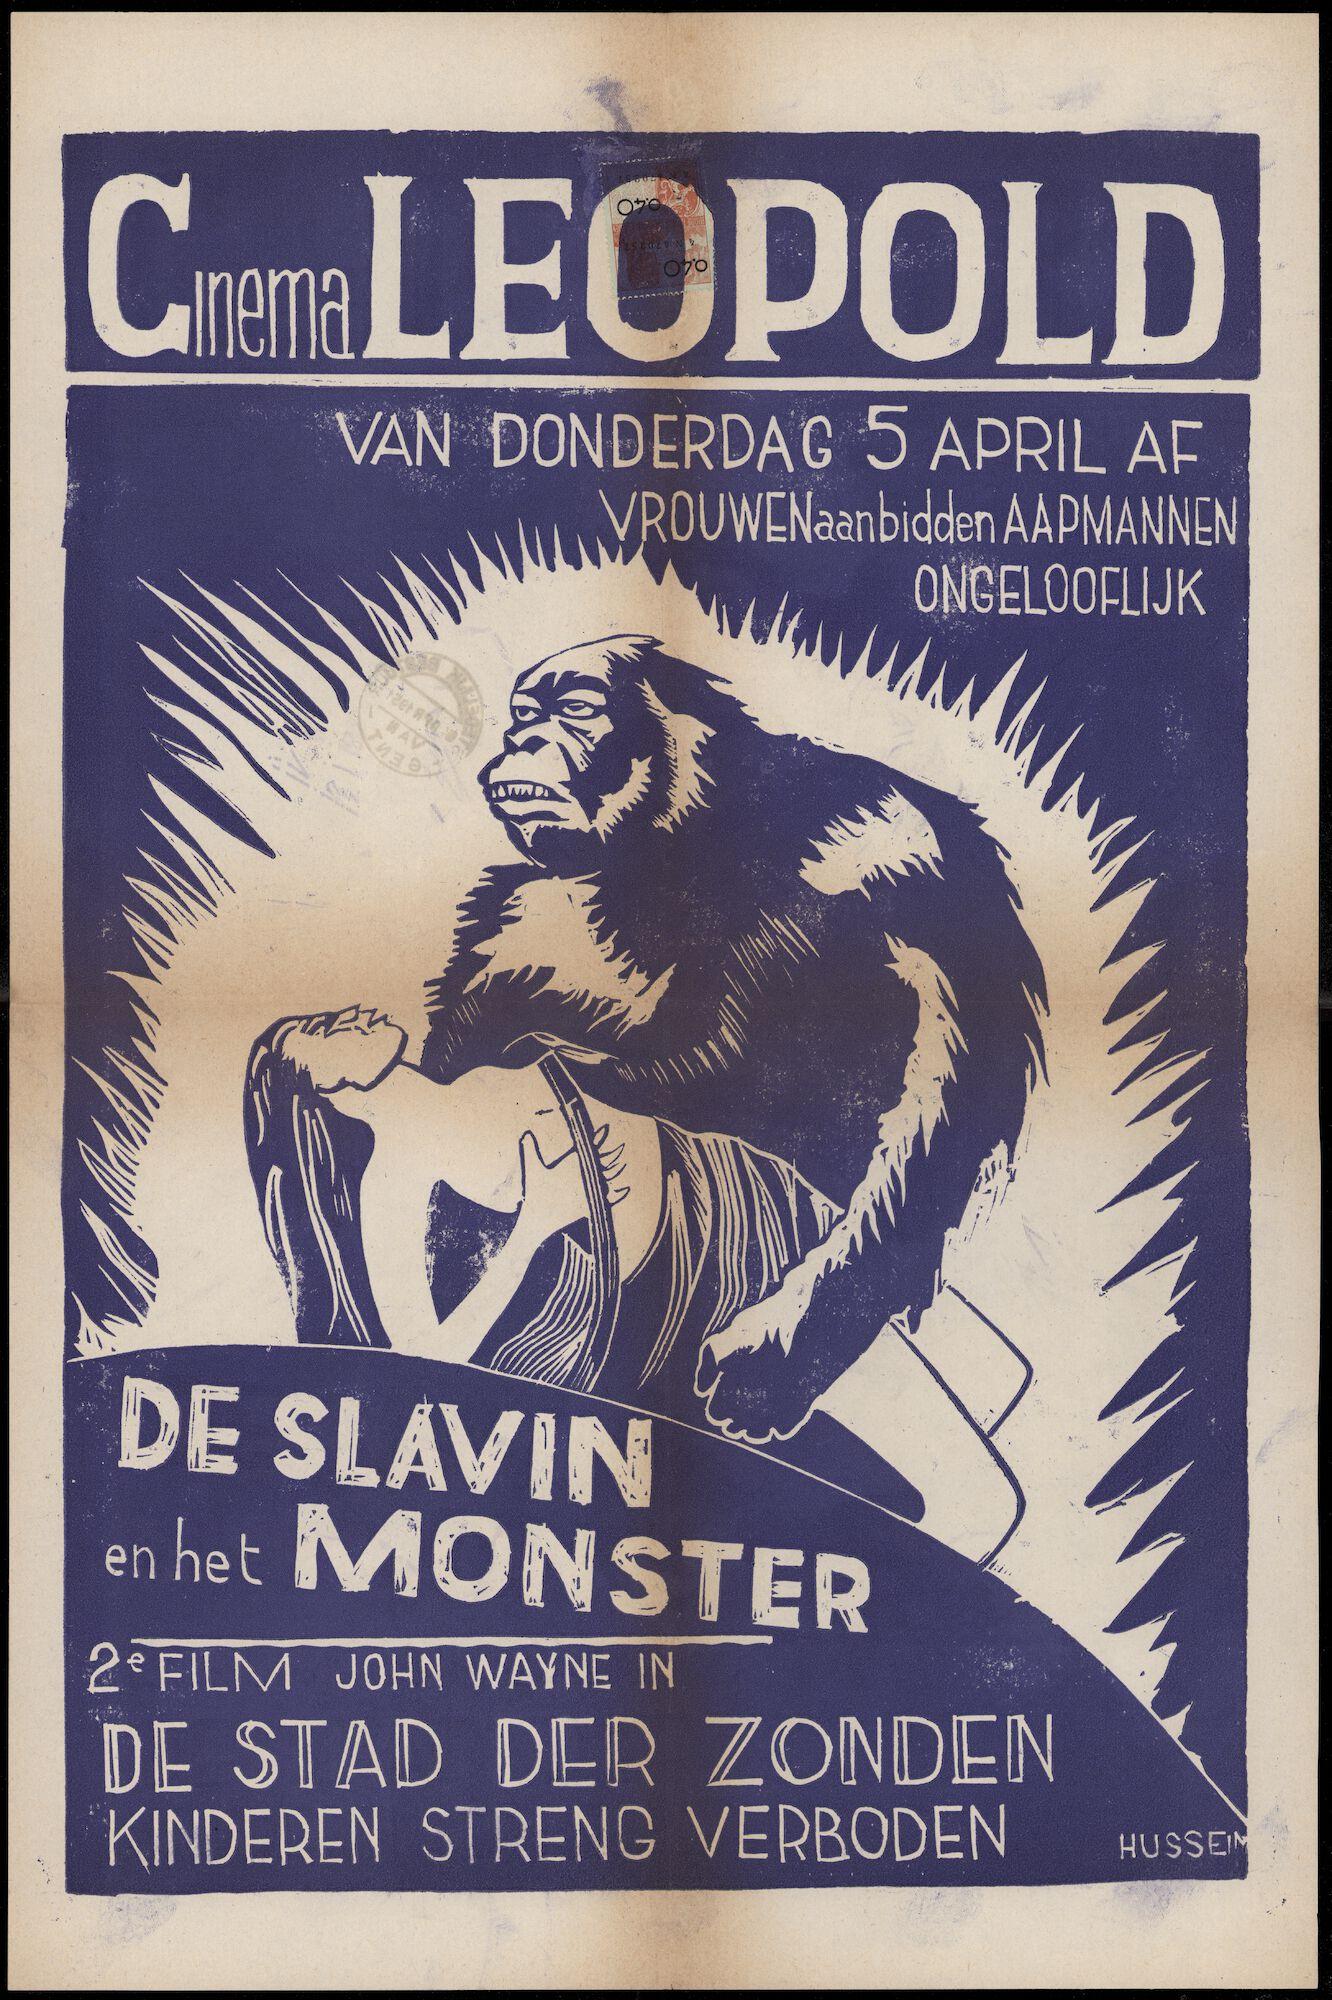 De slavin en het monster (film 1), De stad der zonden (film 2), Leopold, Gent, vanaf 5 april 1951